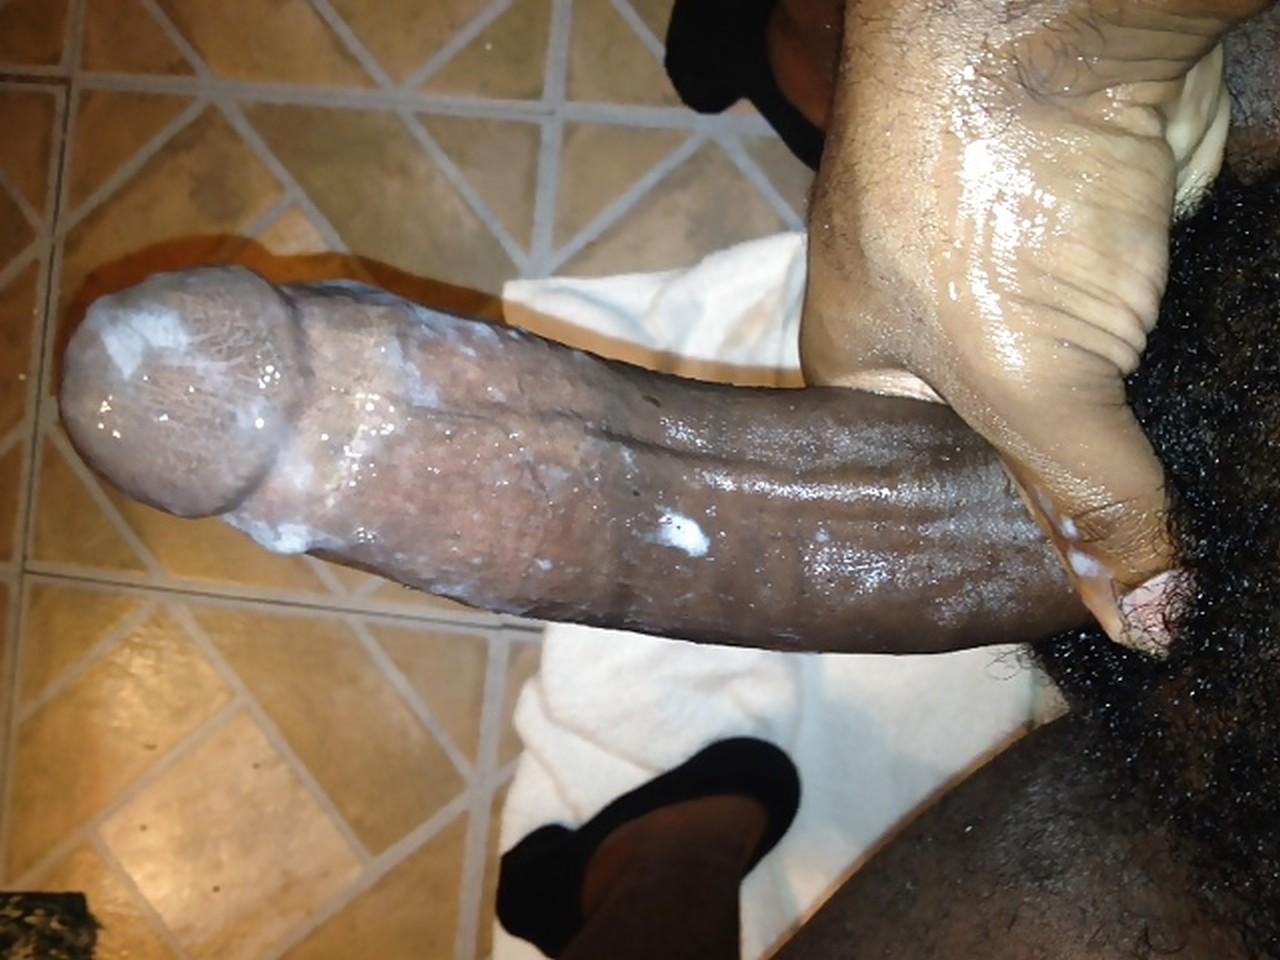 очень много спермы из черного хуя